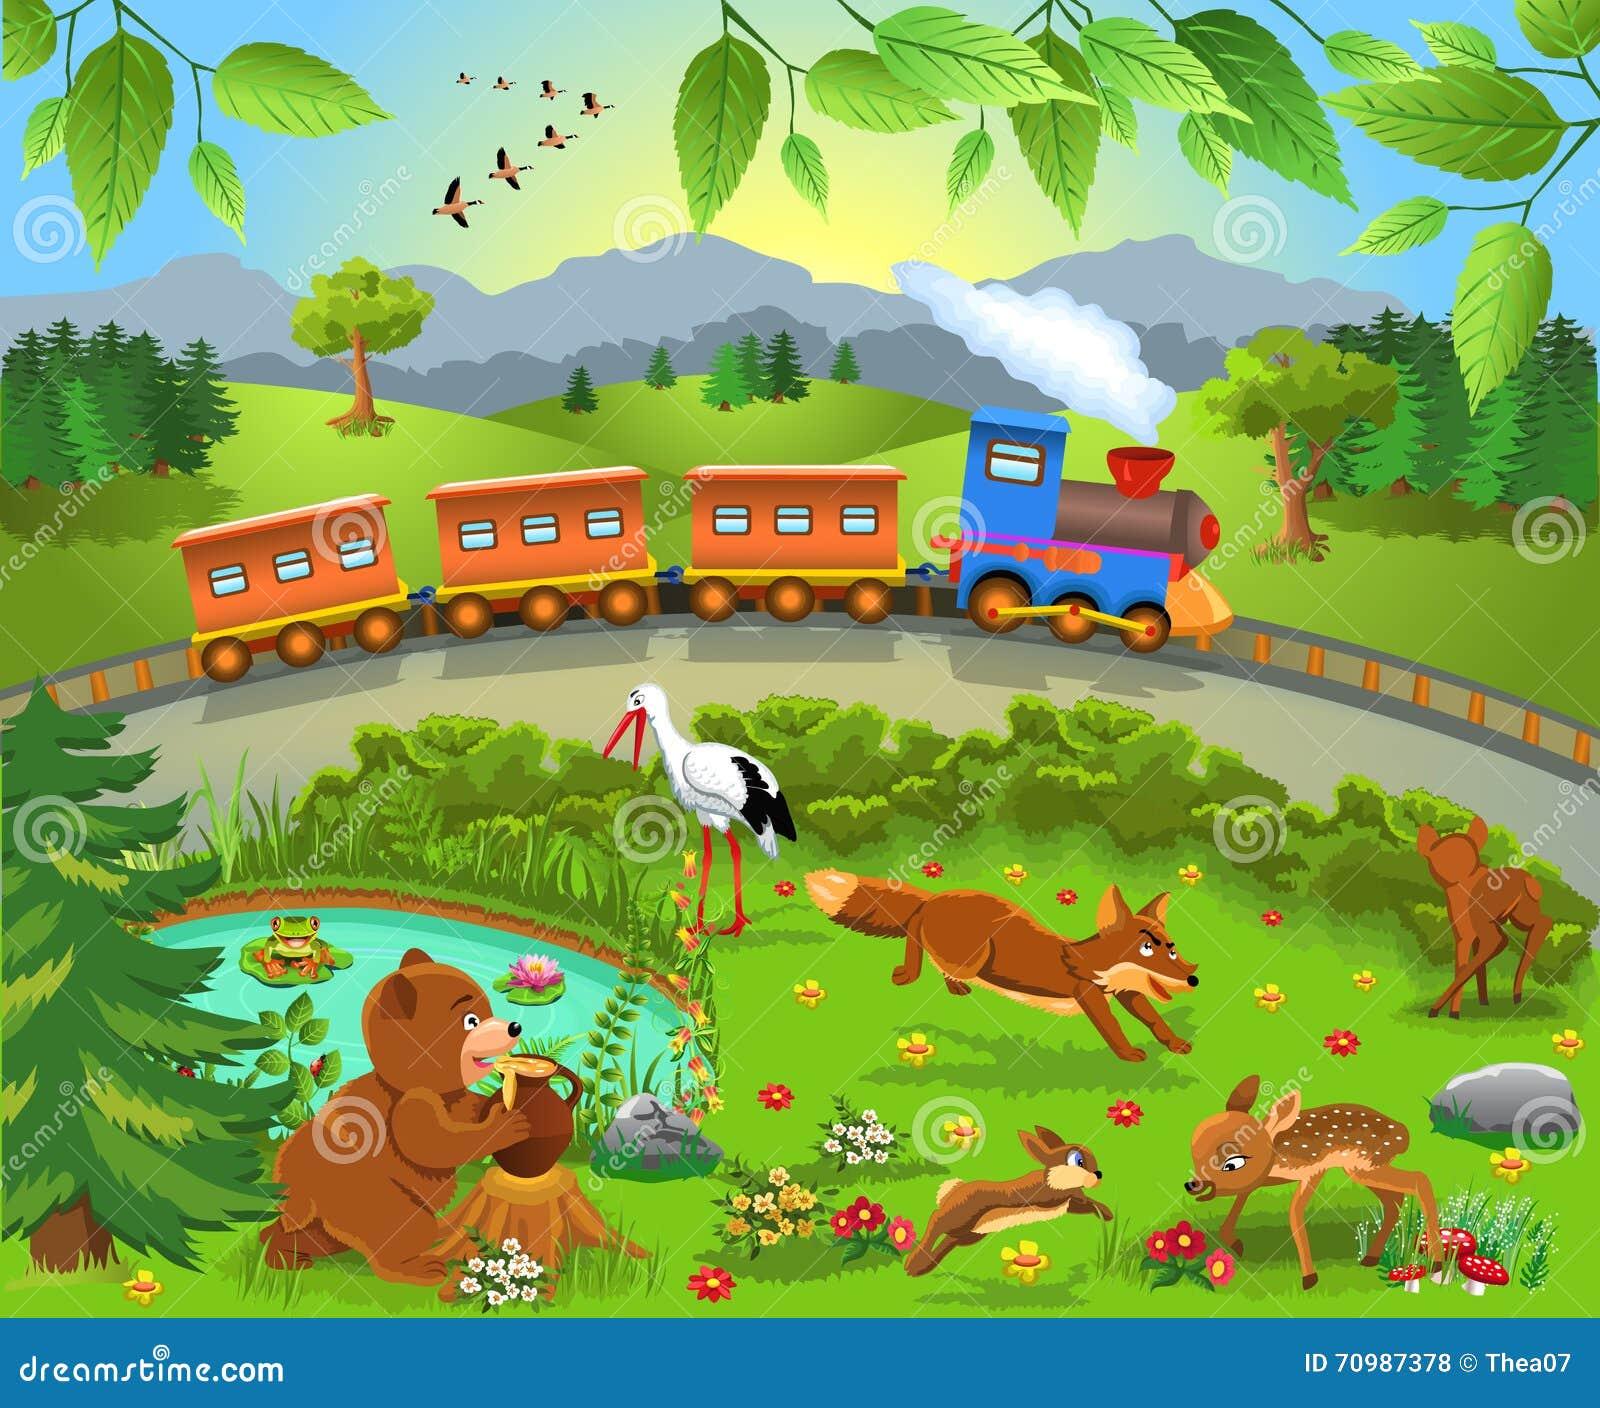 Zug, der durch wilde Tiere überschreitet